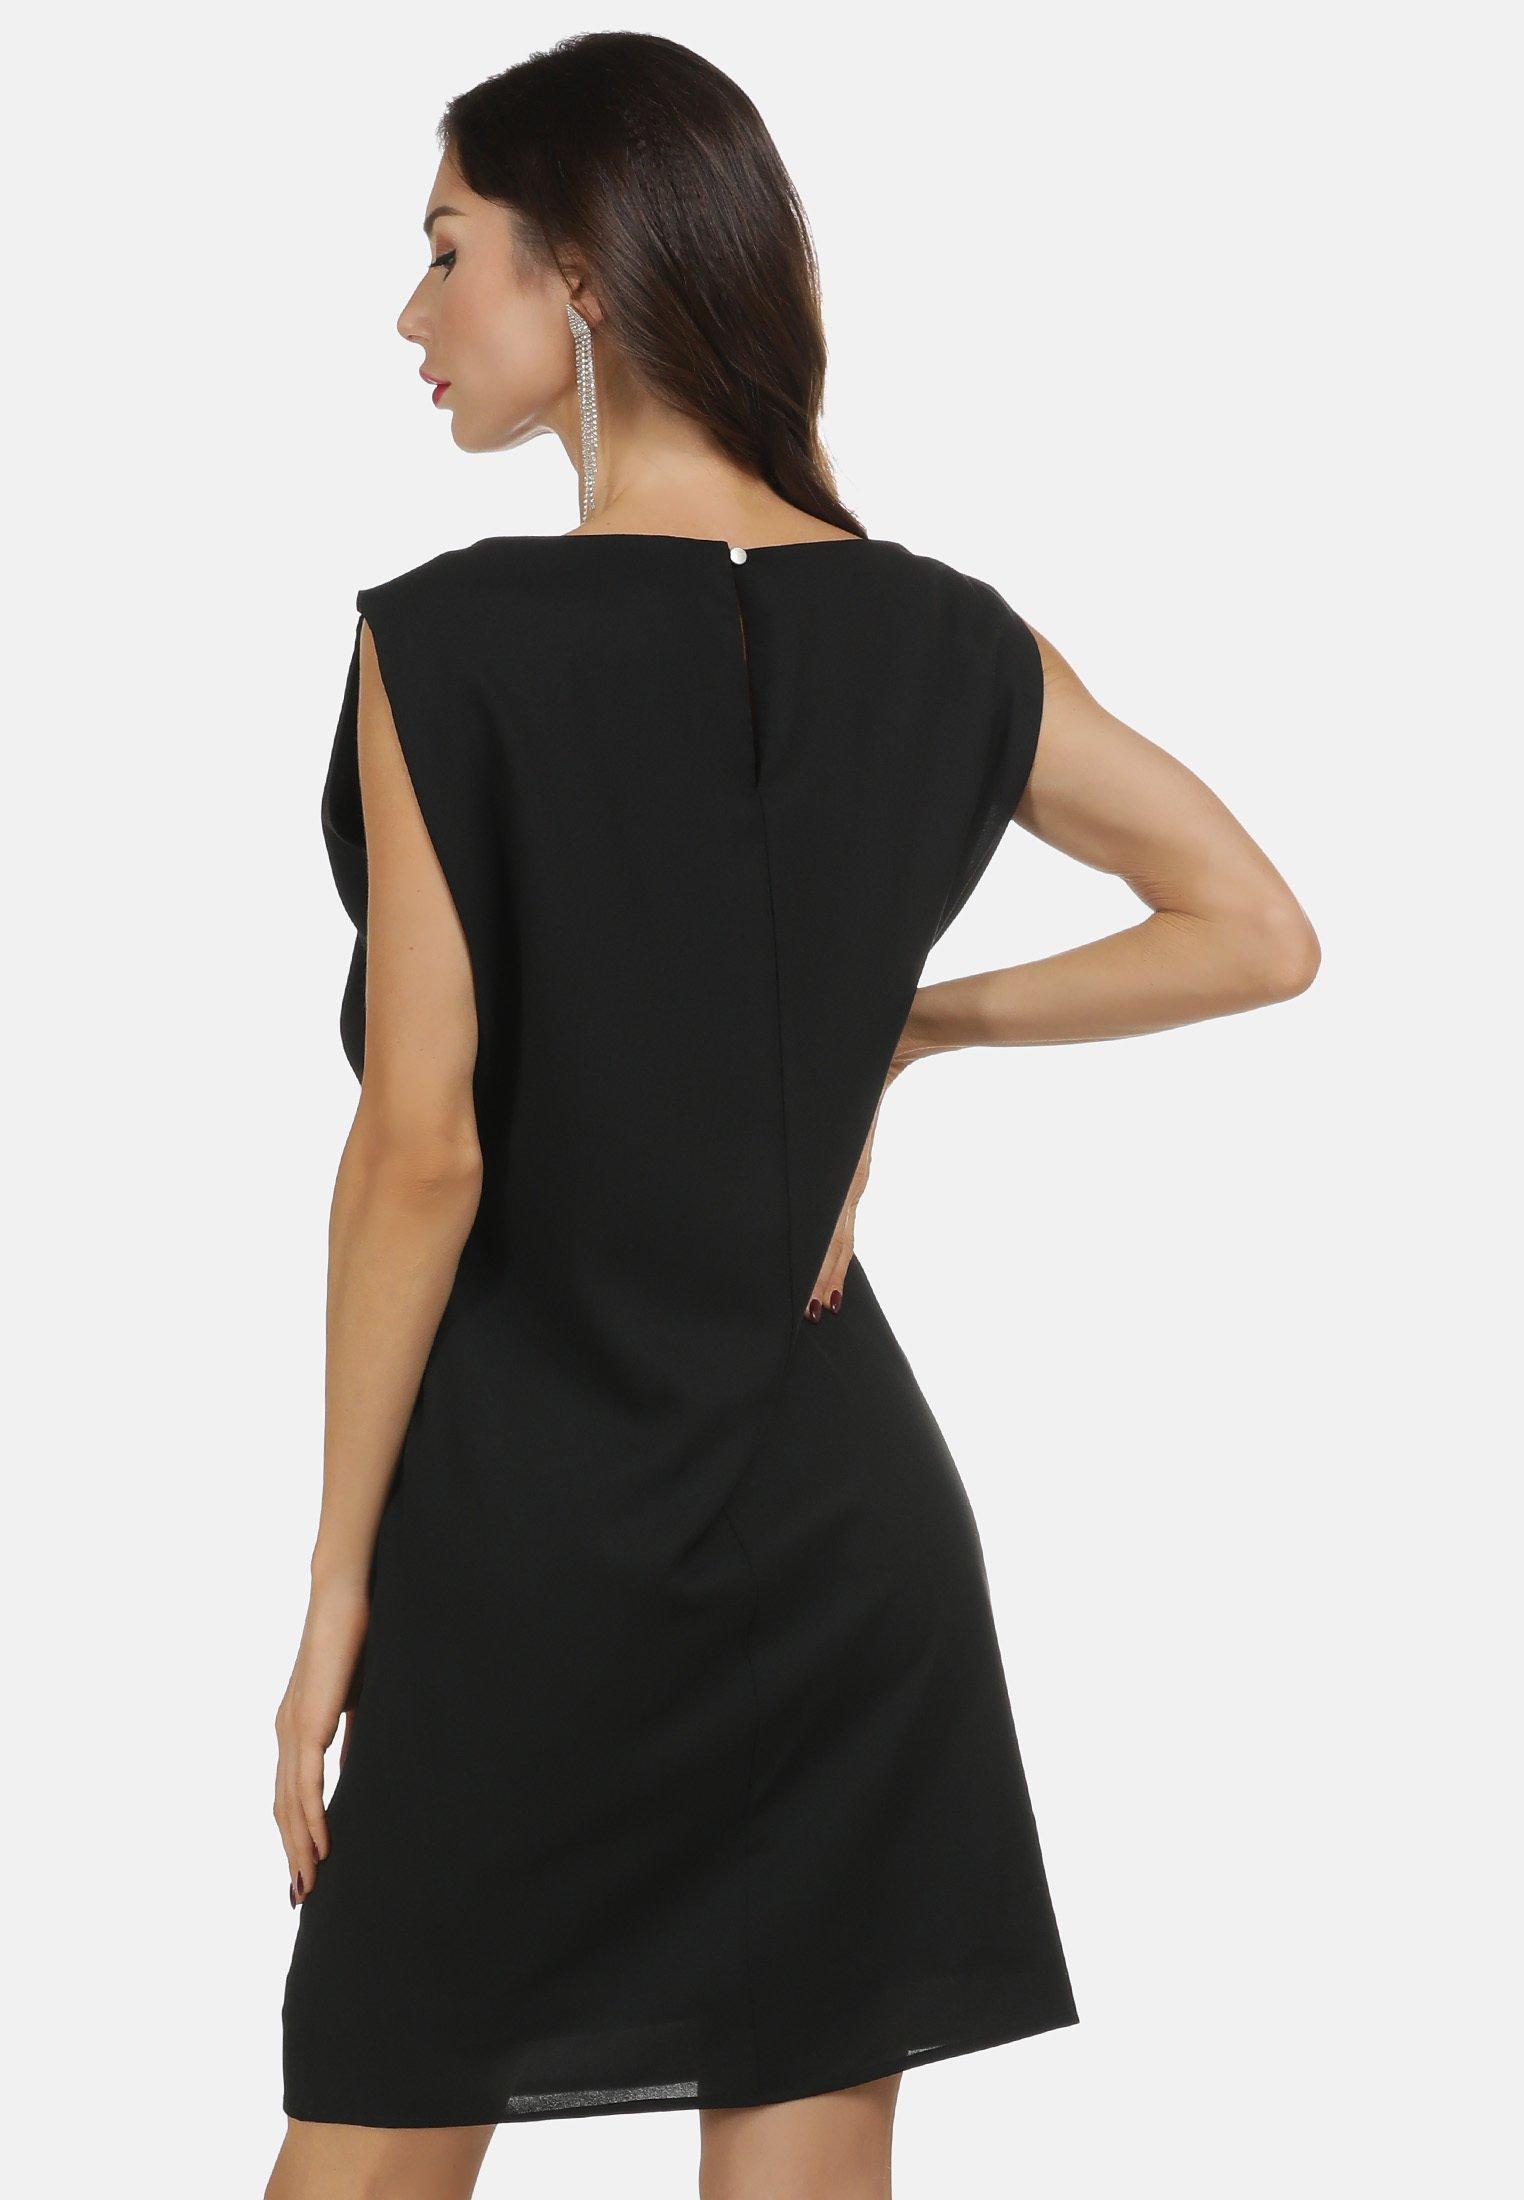 Factory Outlet Women's Clothing faina Day dress schwarz oPLZBk1Wr